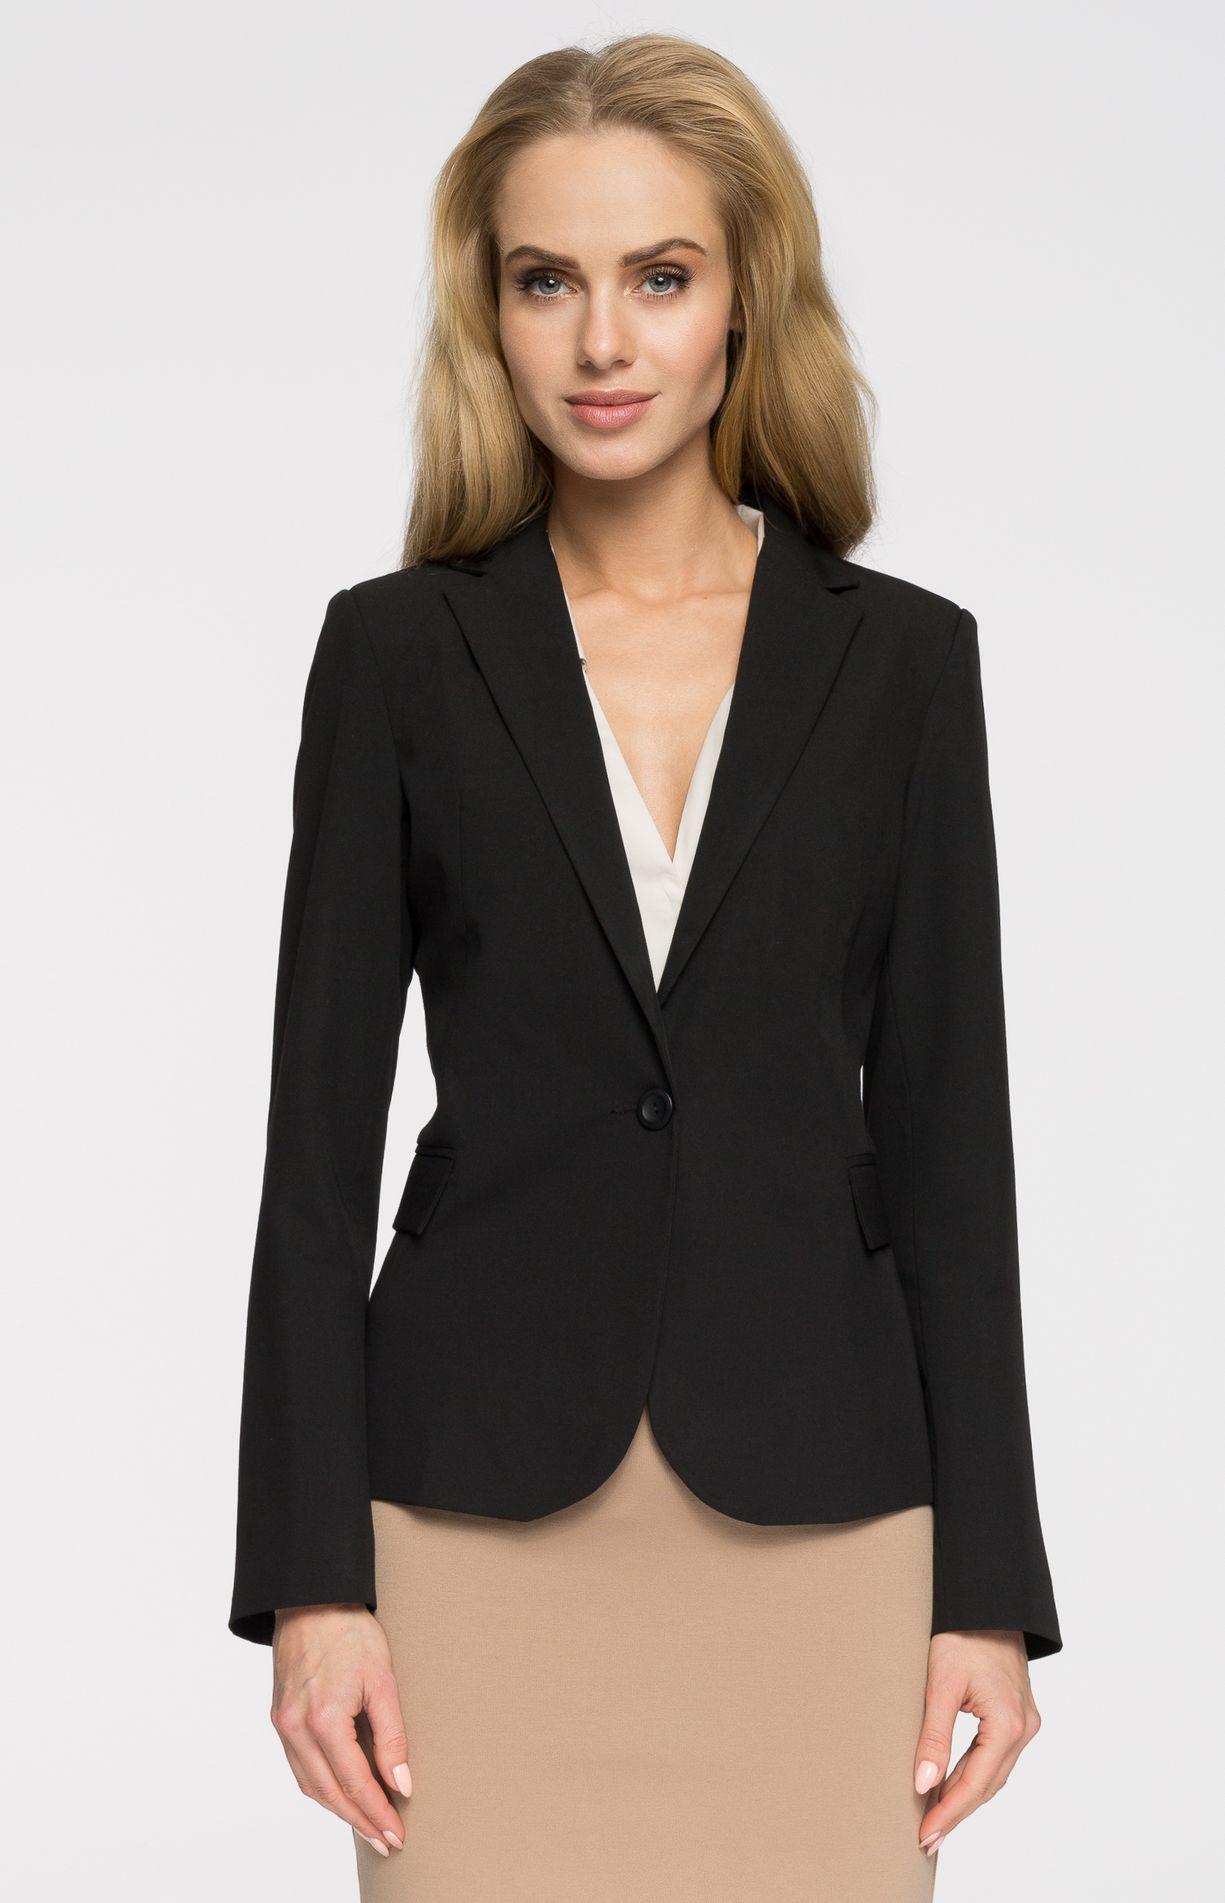 veste femme 1 bouton noire style s005n idresstocode. Black Bedroom Furniture Sets. Home Design Ideas